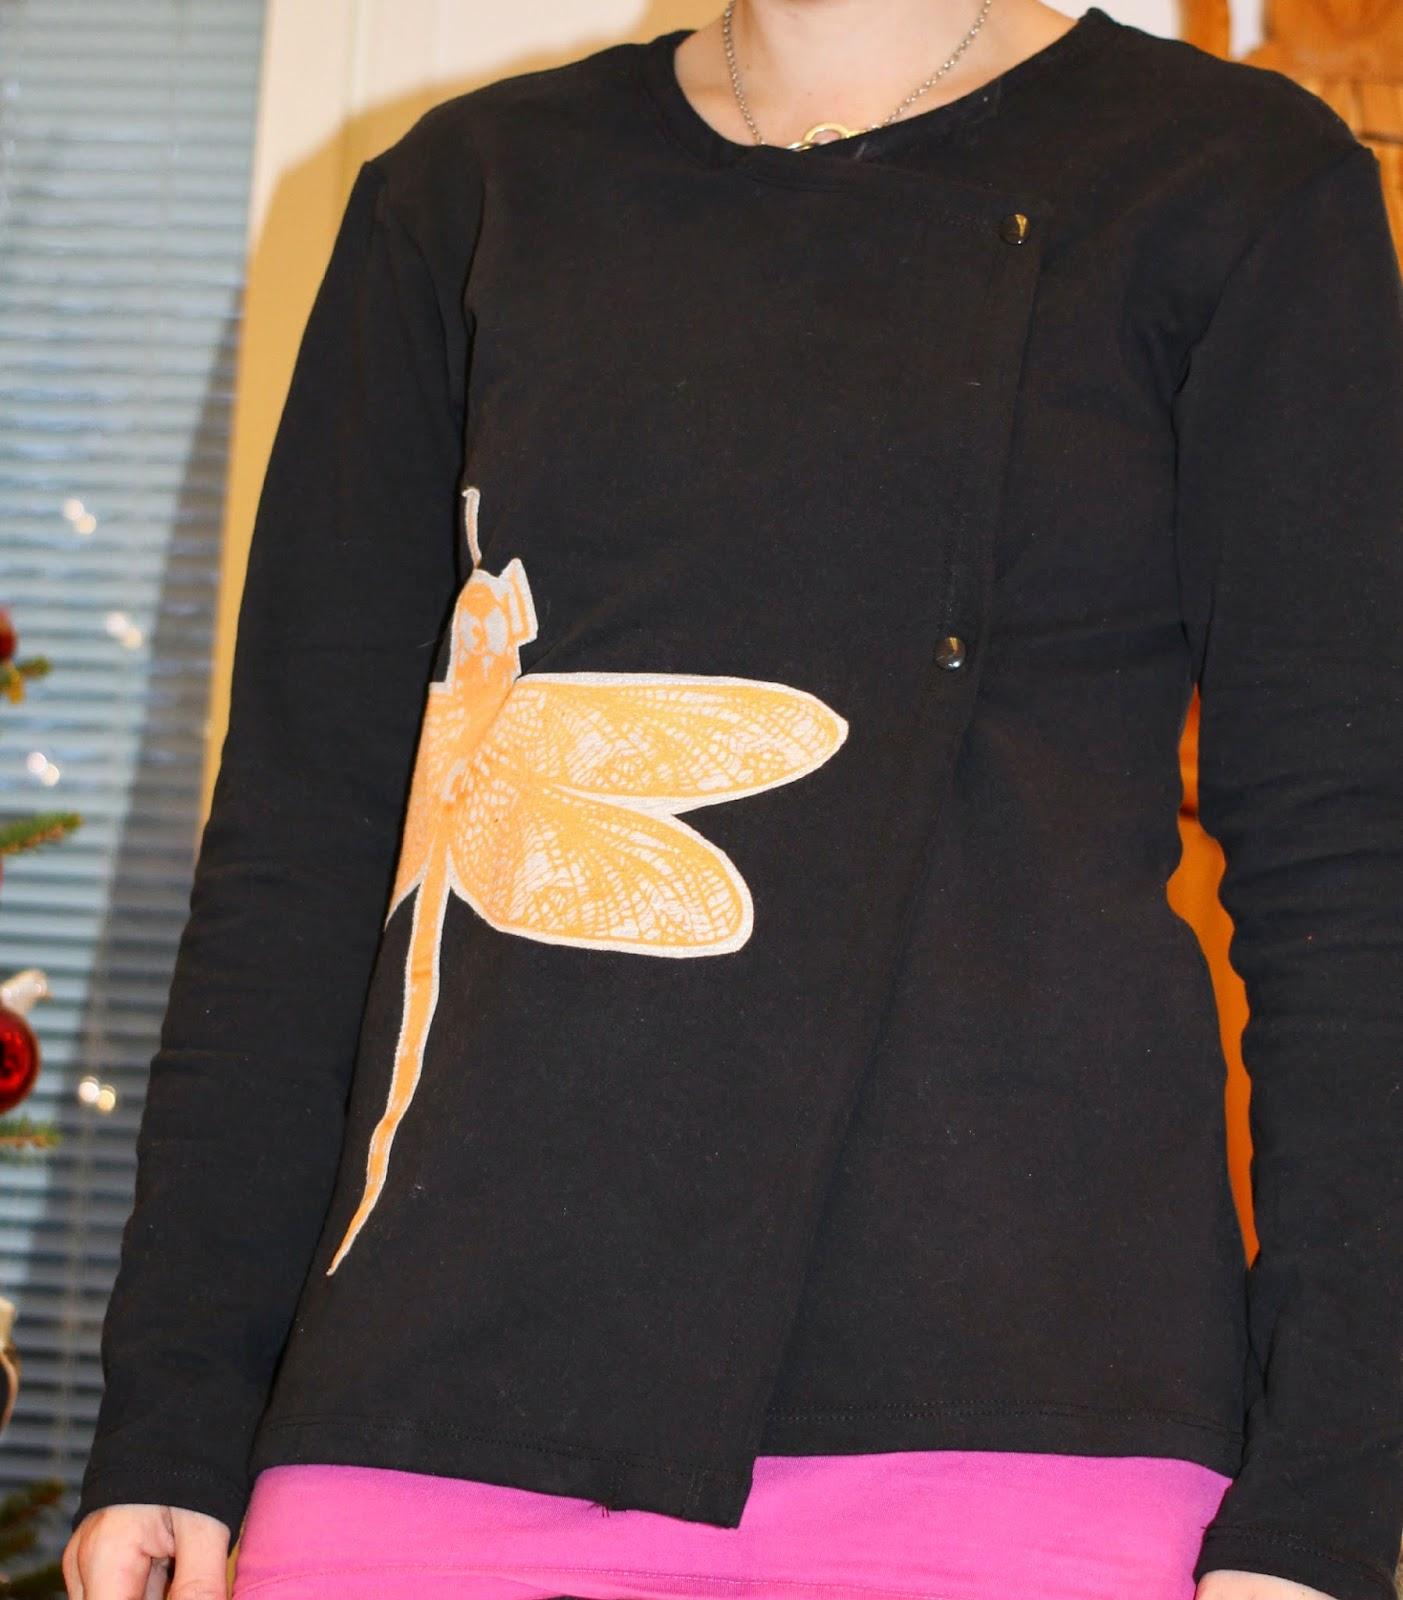 Kärpäsiä keitossa by Mersia: Viikonlopun ompelukset